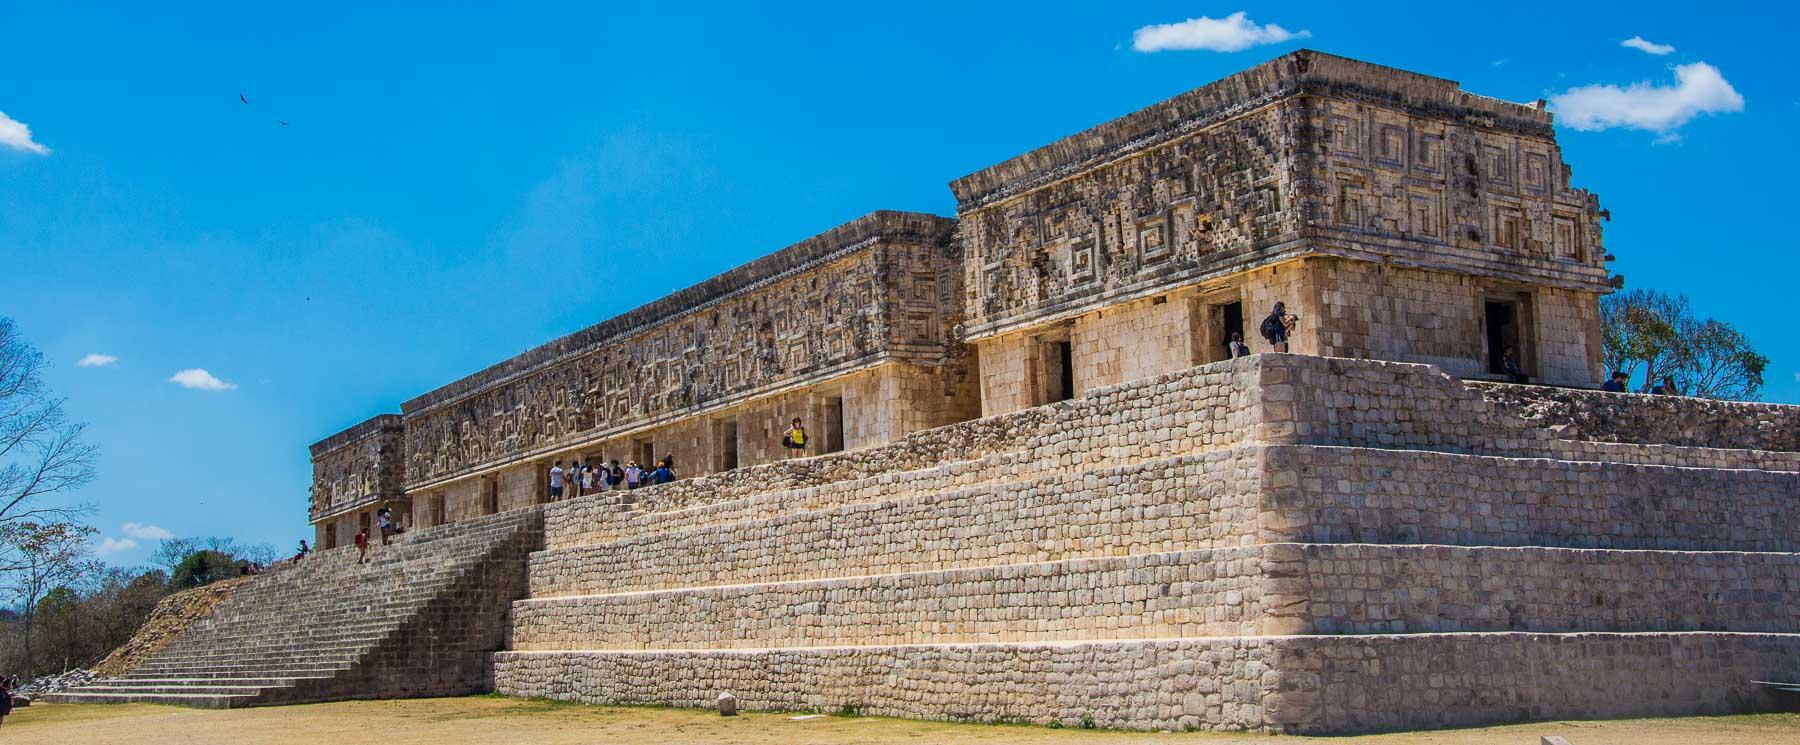 The Governor's Palace at the Uxmal Mayan ruin.